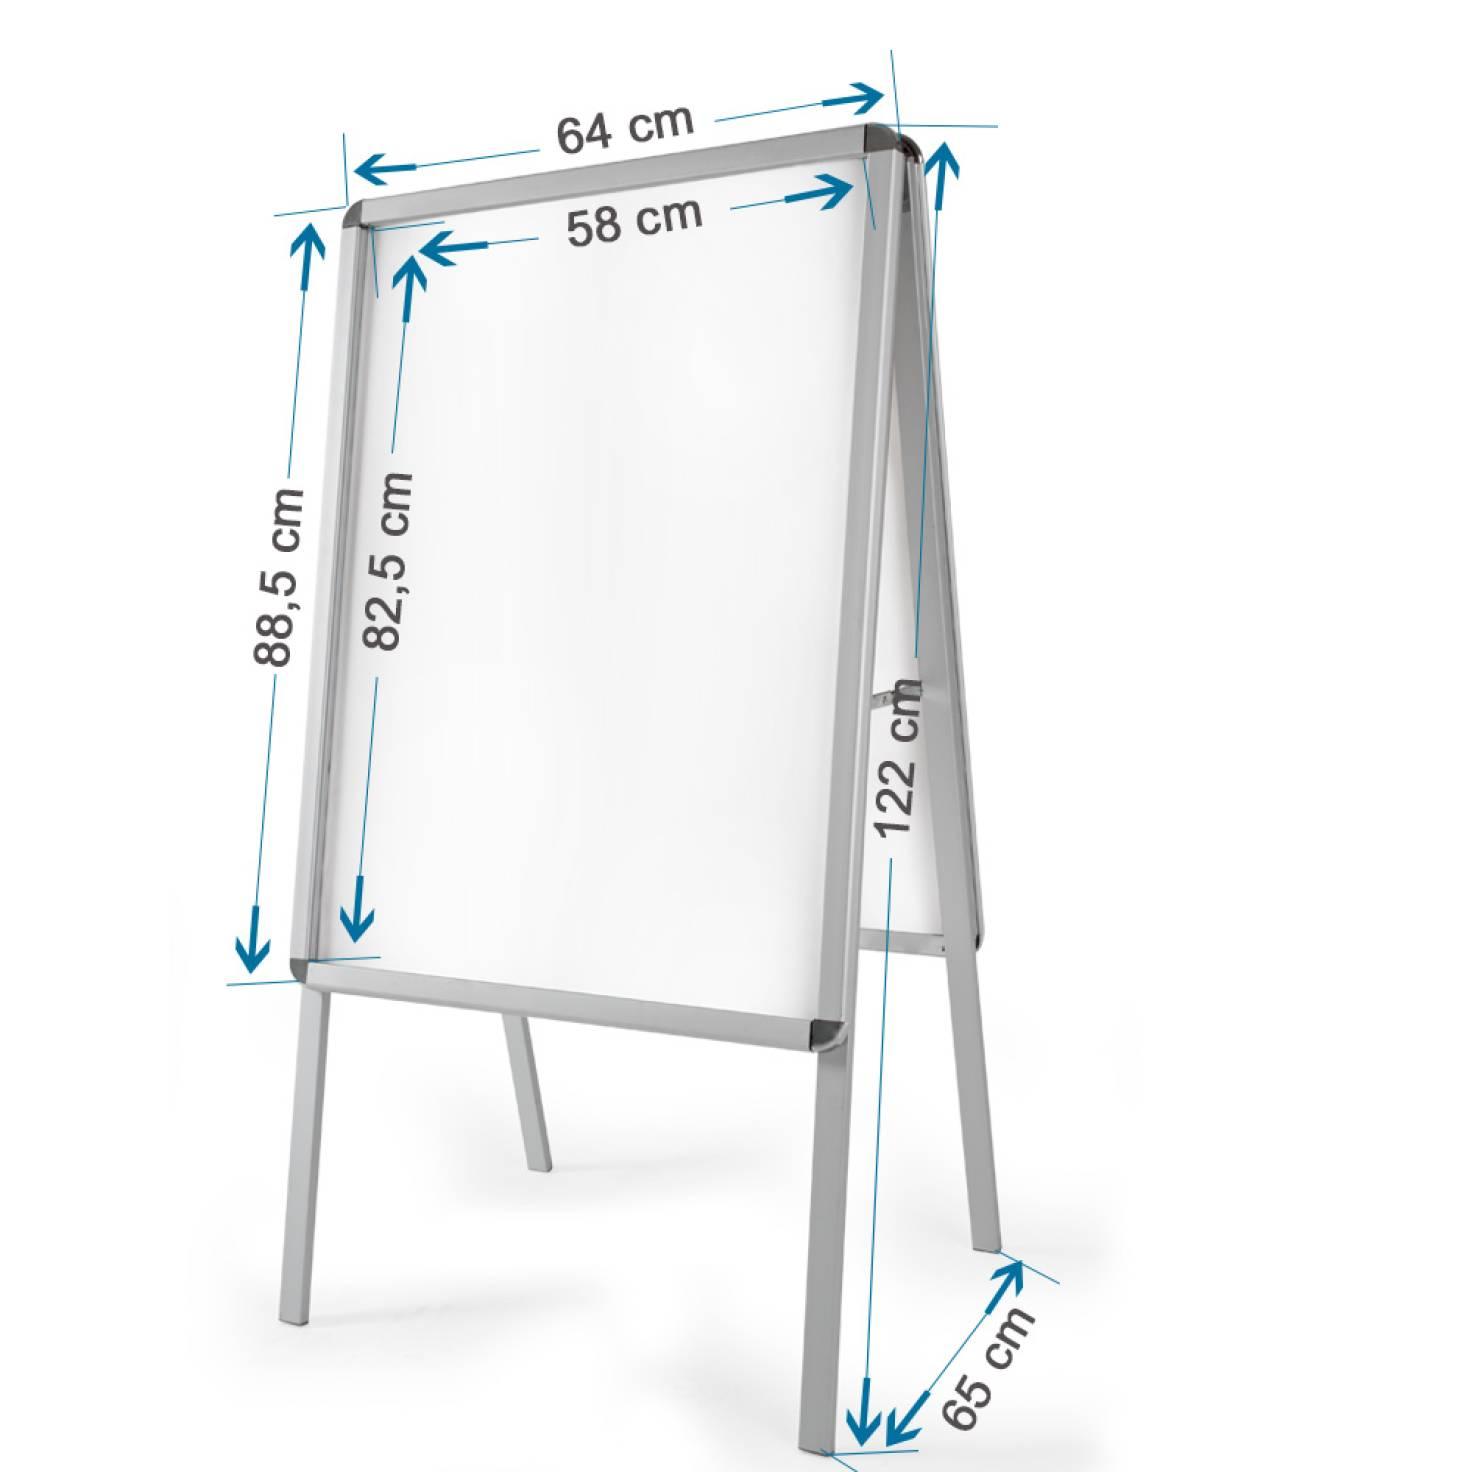 Reklamní stojan A1 - Reklamní poutač